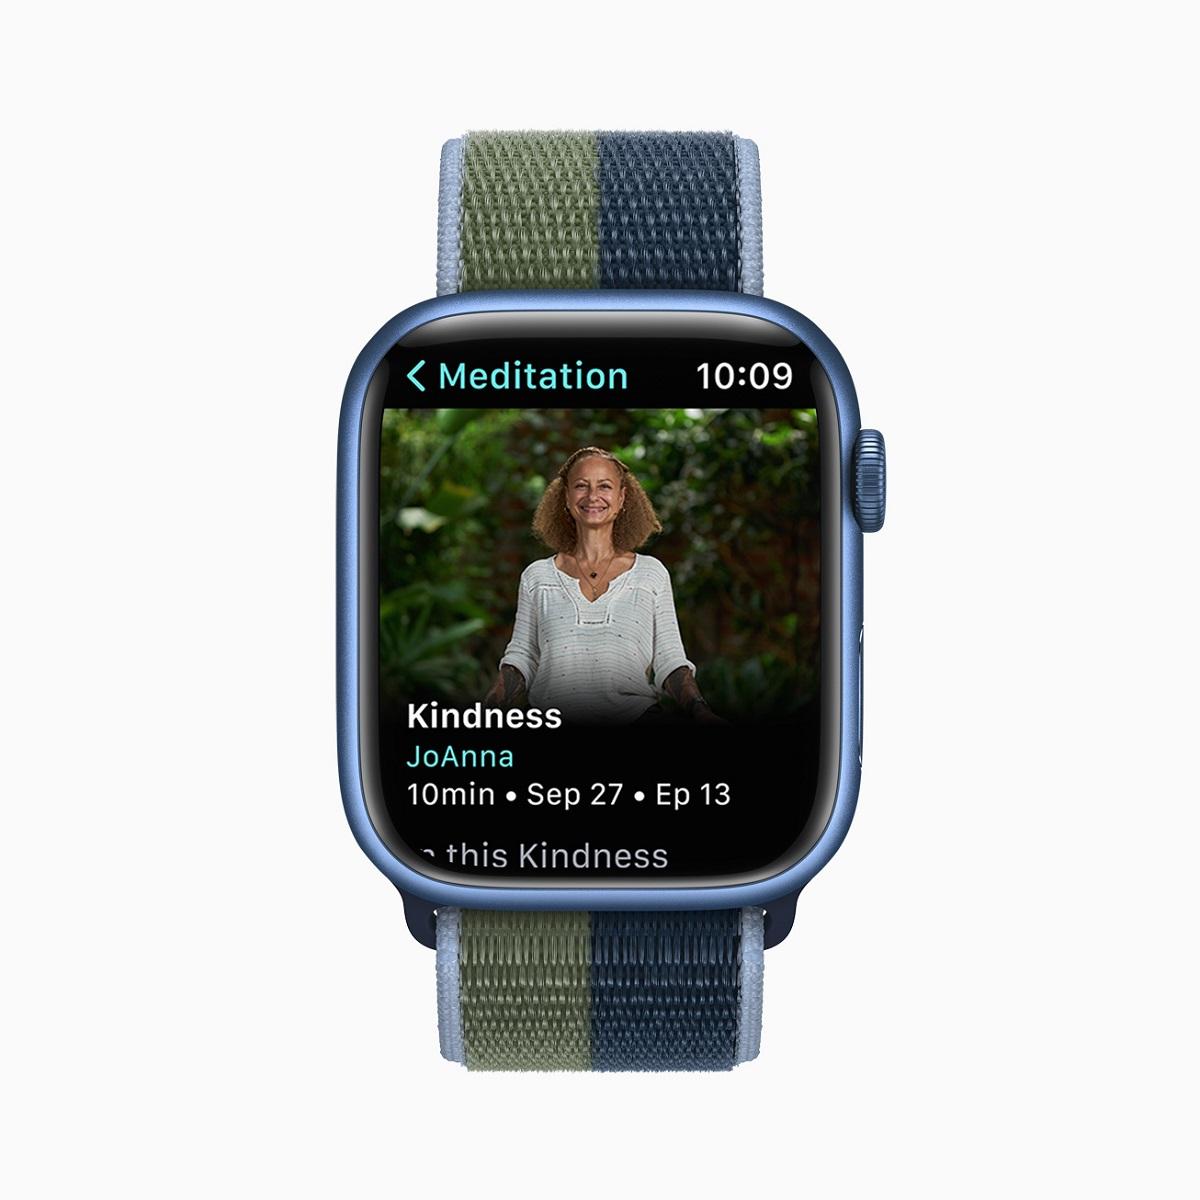 Новые медитации с гидом будут загружаться каждую неделю в аудиоформате в новом приложении Mindfulness для подписчиков Apple Watch for Fitness +.